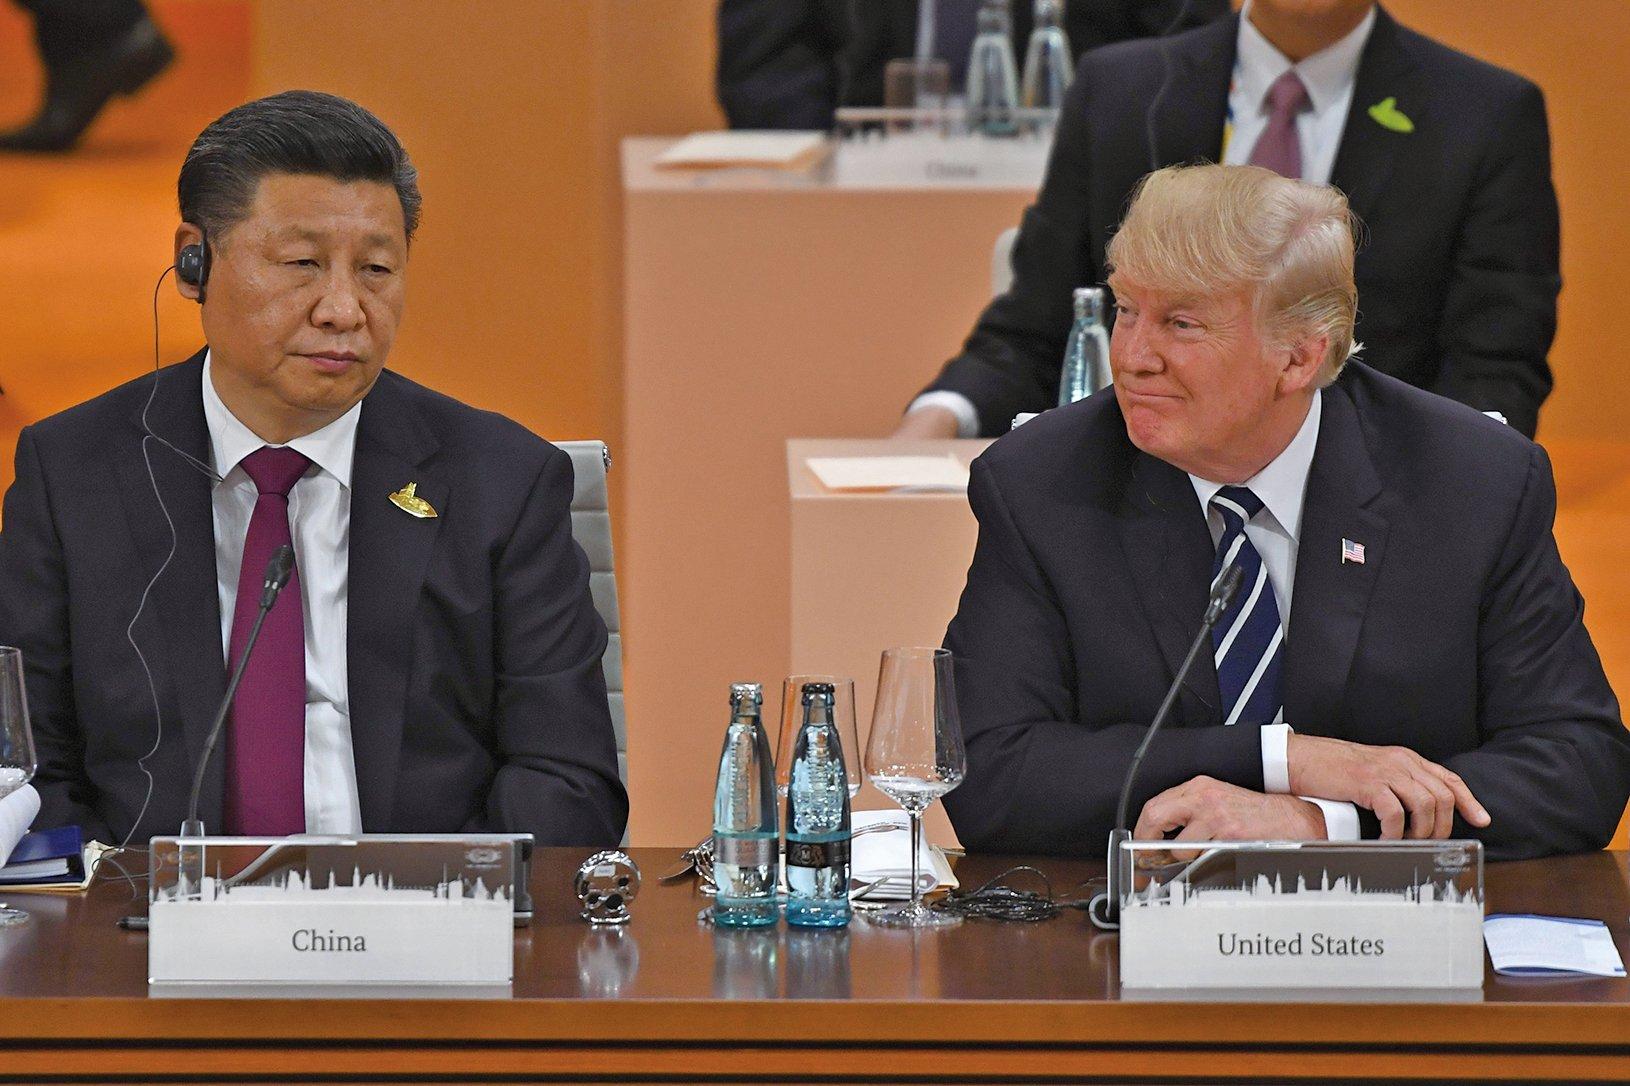 儘管特朗普去年11月份訪華受到盛大接待,但是最近美中之間緊張加劇,特別是貿易方面。(Getty Images)